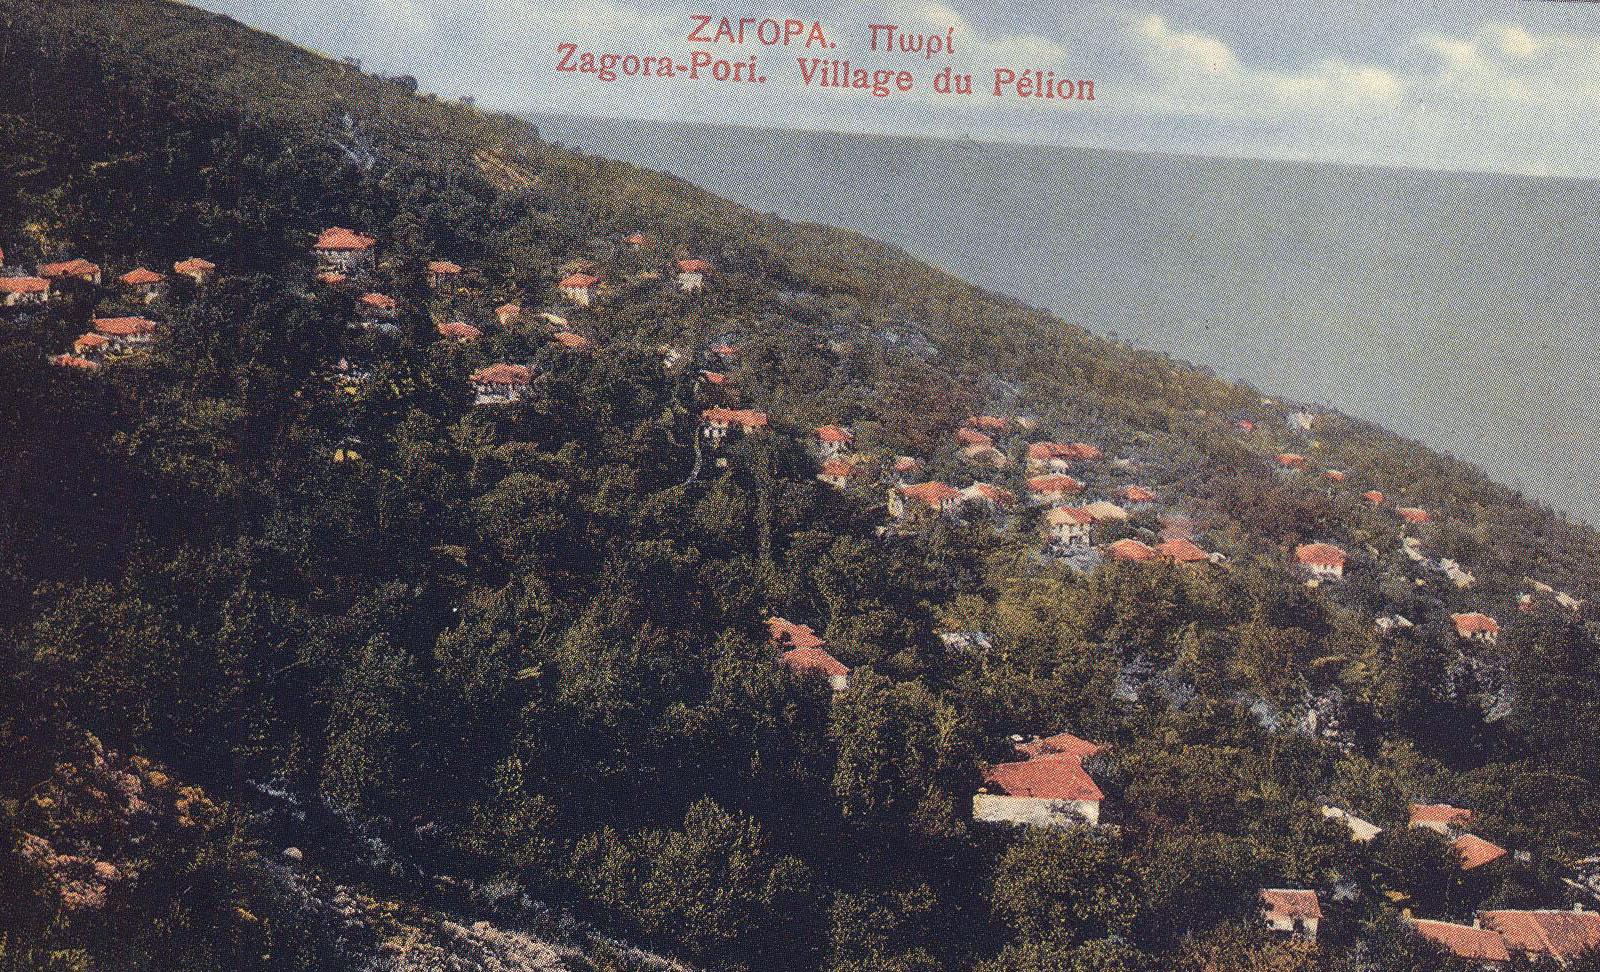 ΓΡΗΓΟΡΗΣ ΚΑΡΤΑΠΑΝΗΣ: Σεισμοί στην περιοχή του Βόλου ΣΤΑ 1930